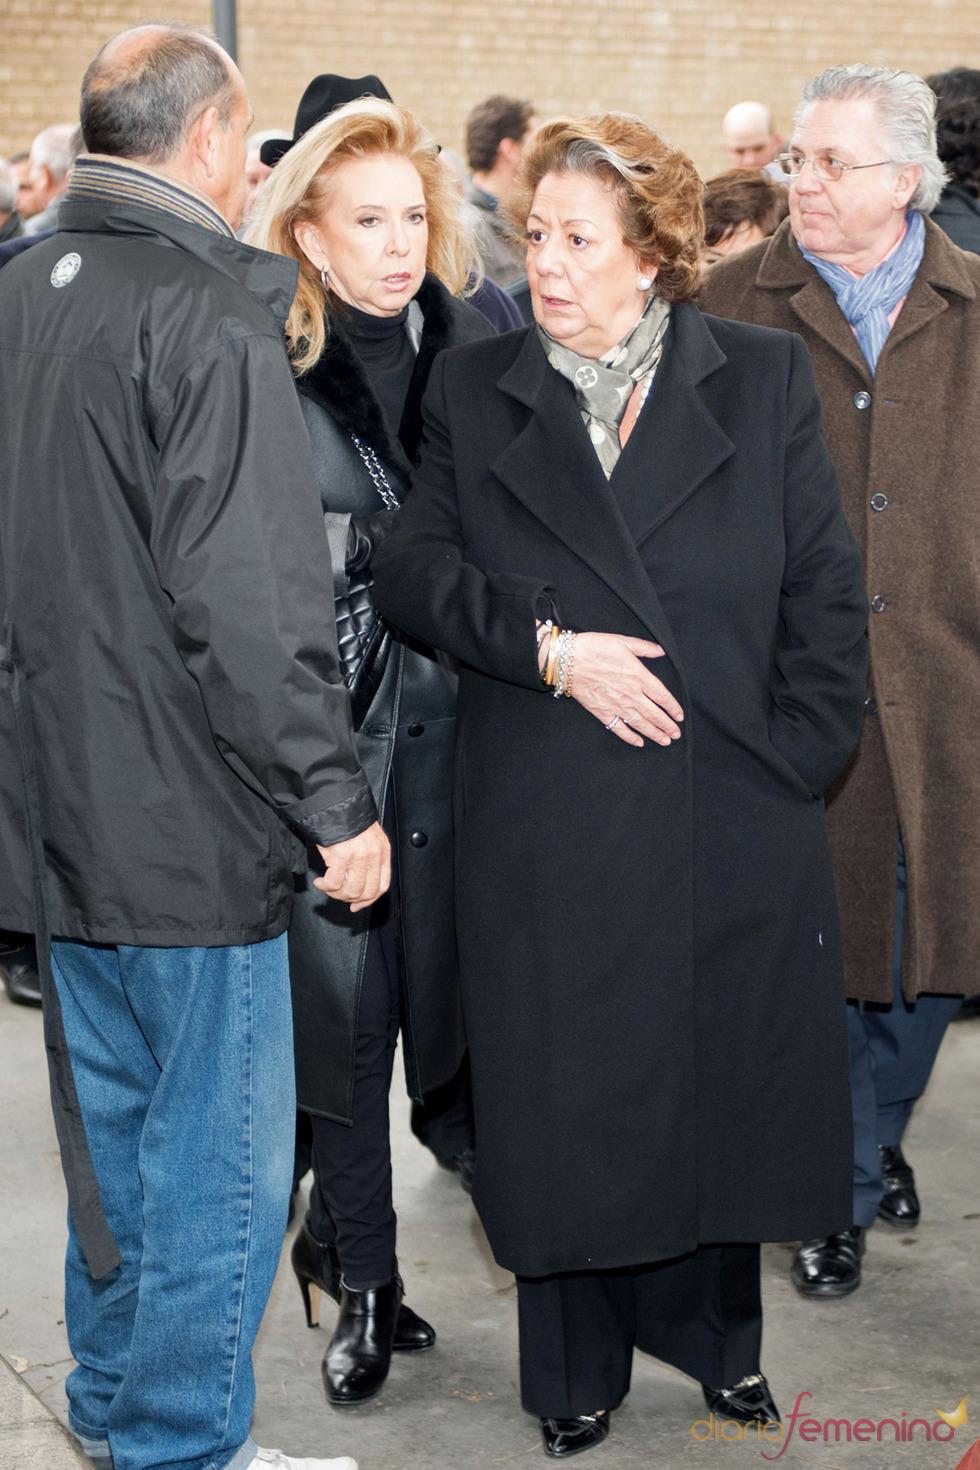 La alcaldesa de Valencia, Rita Barberá, acude al entierro de Pepe Sancho